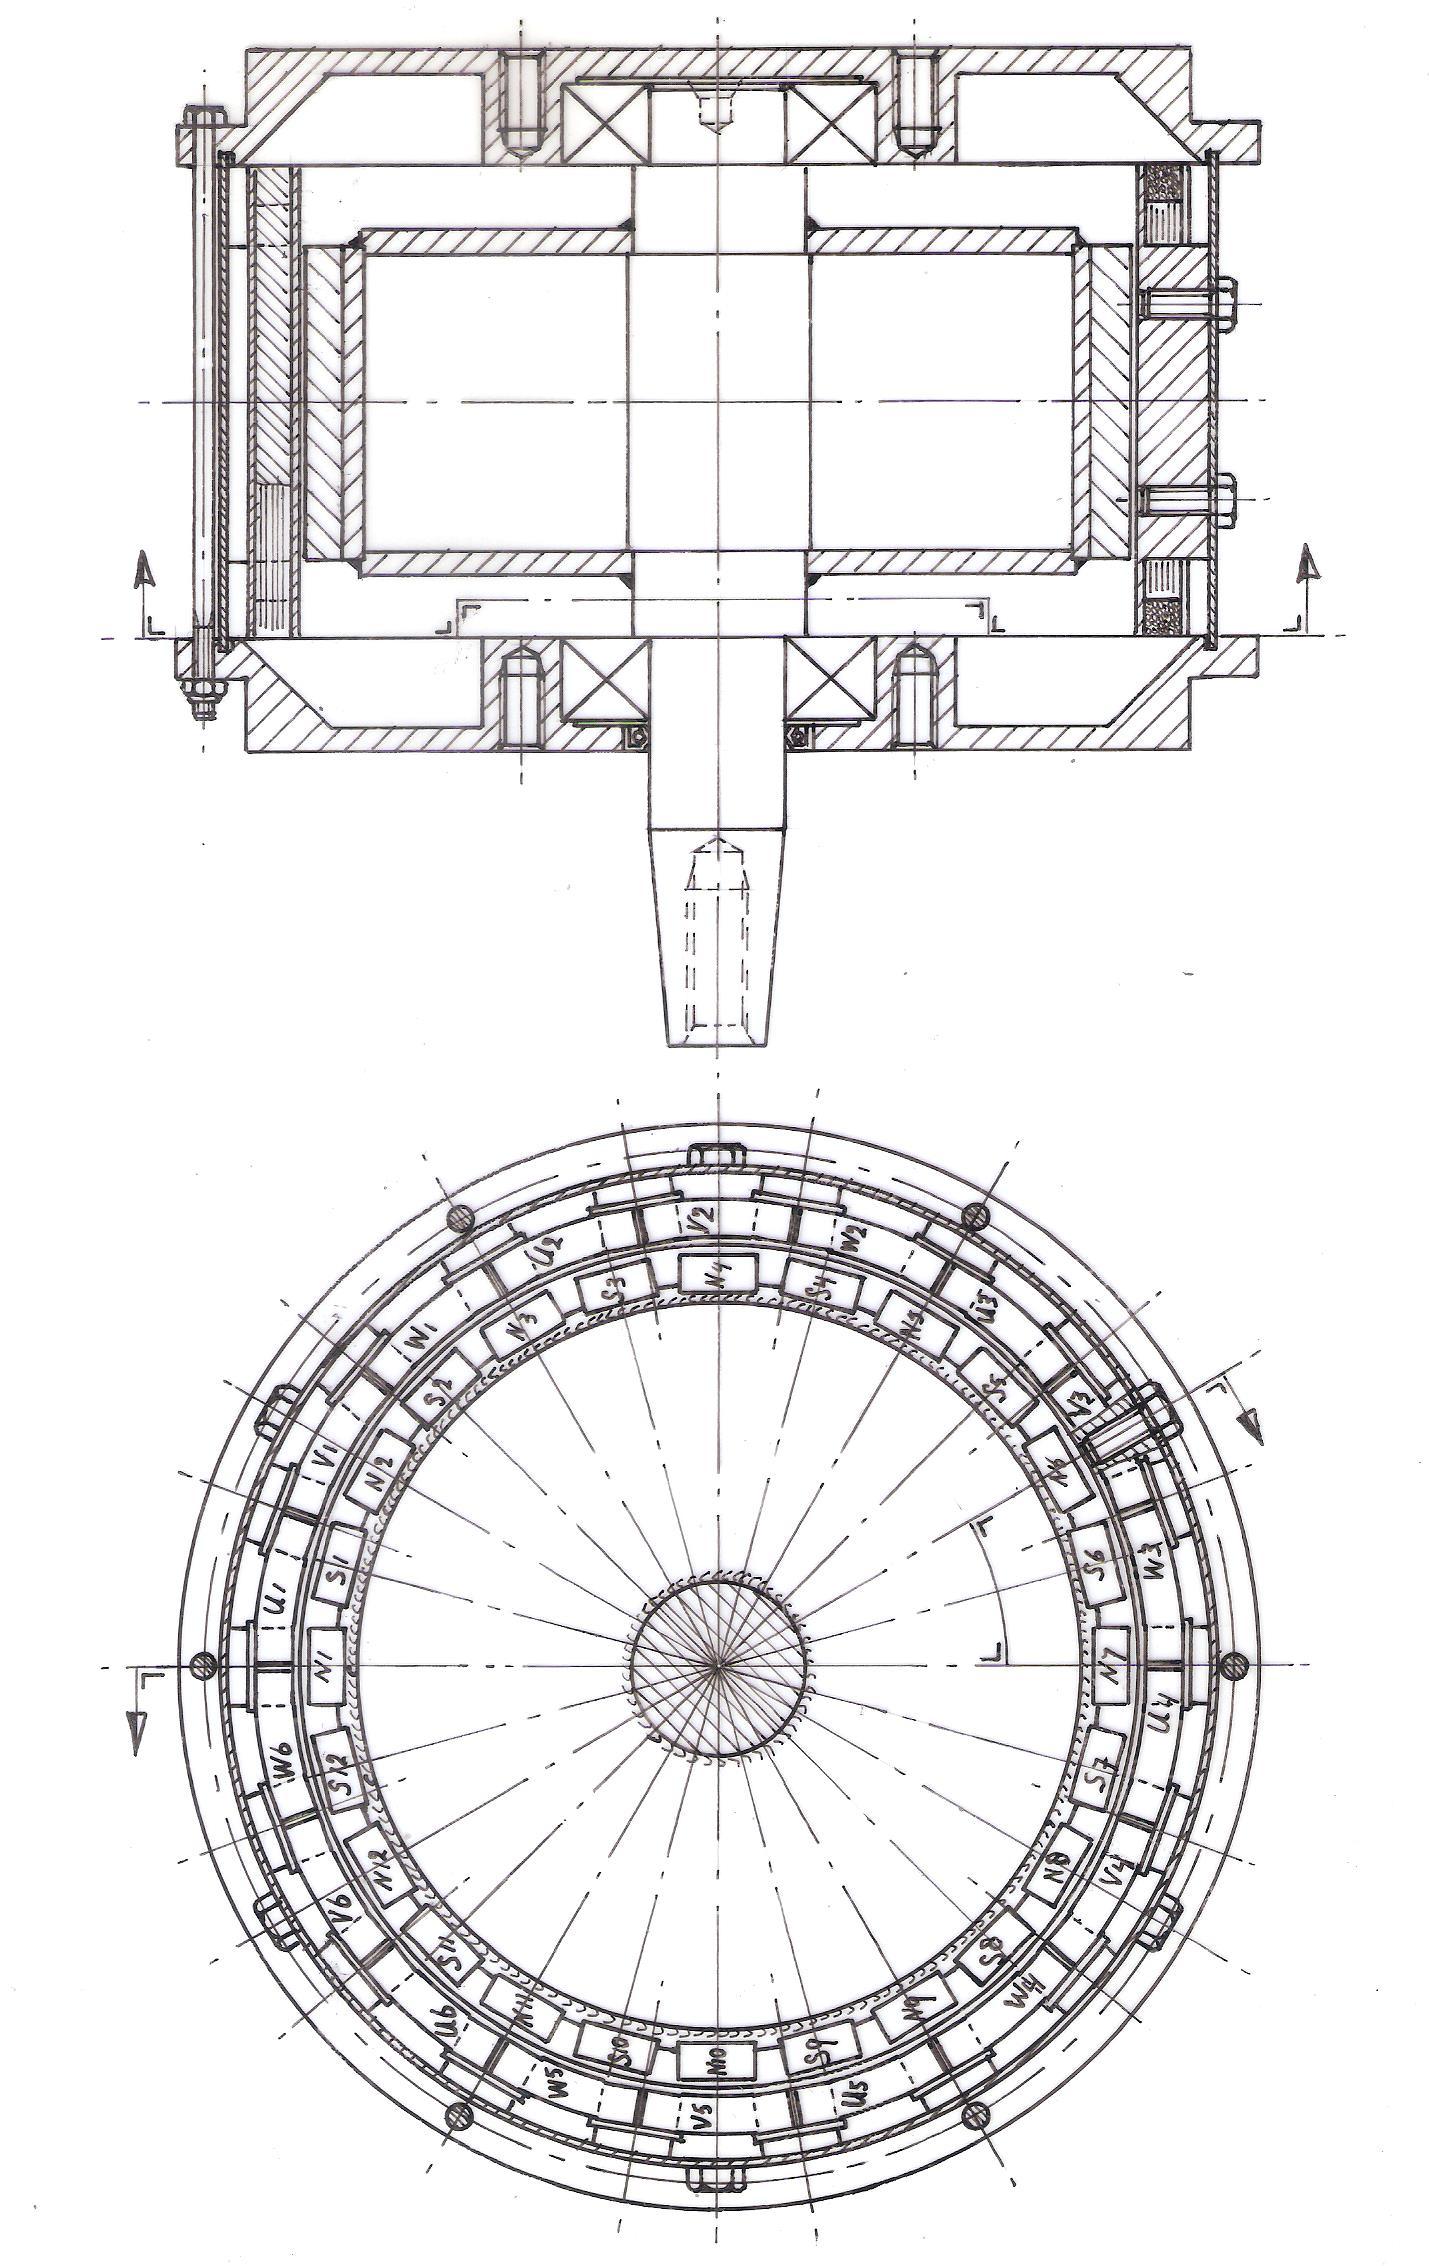 figure 2 of KD 668